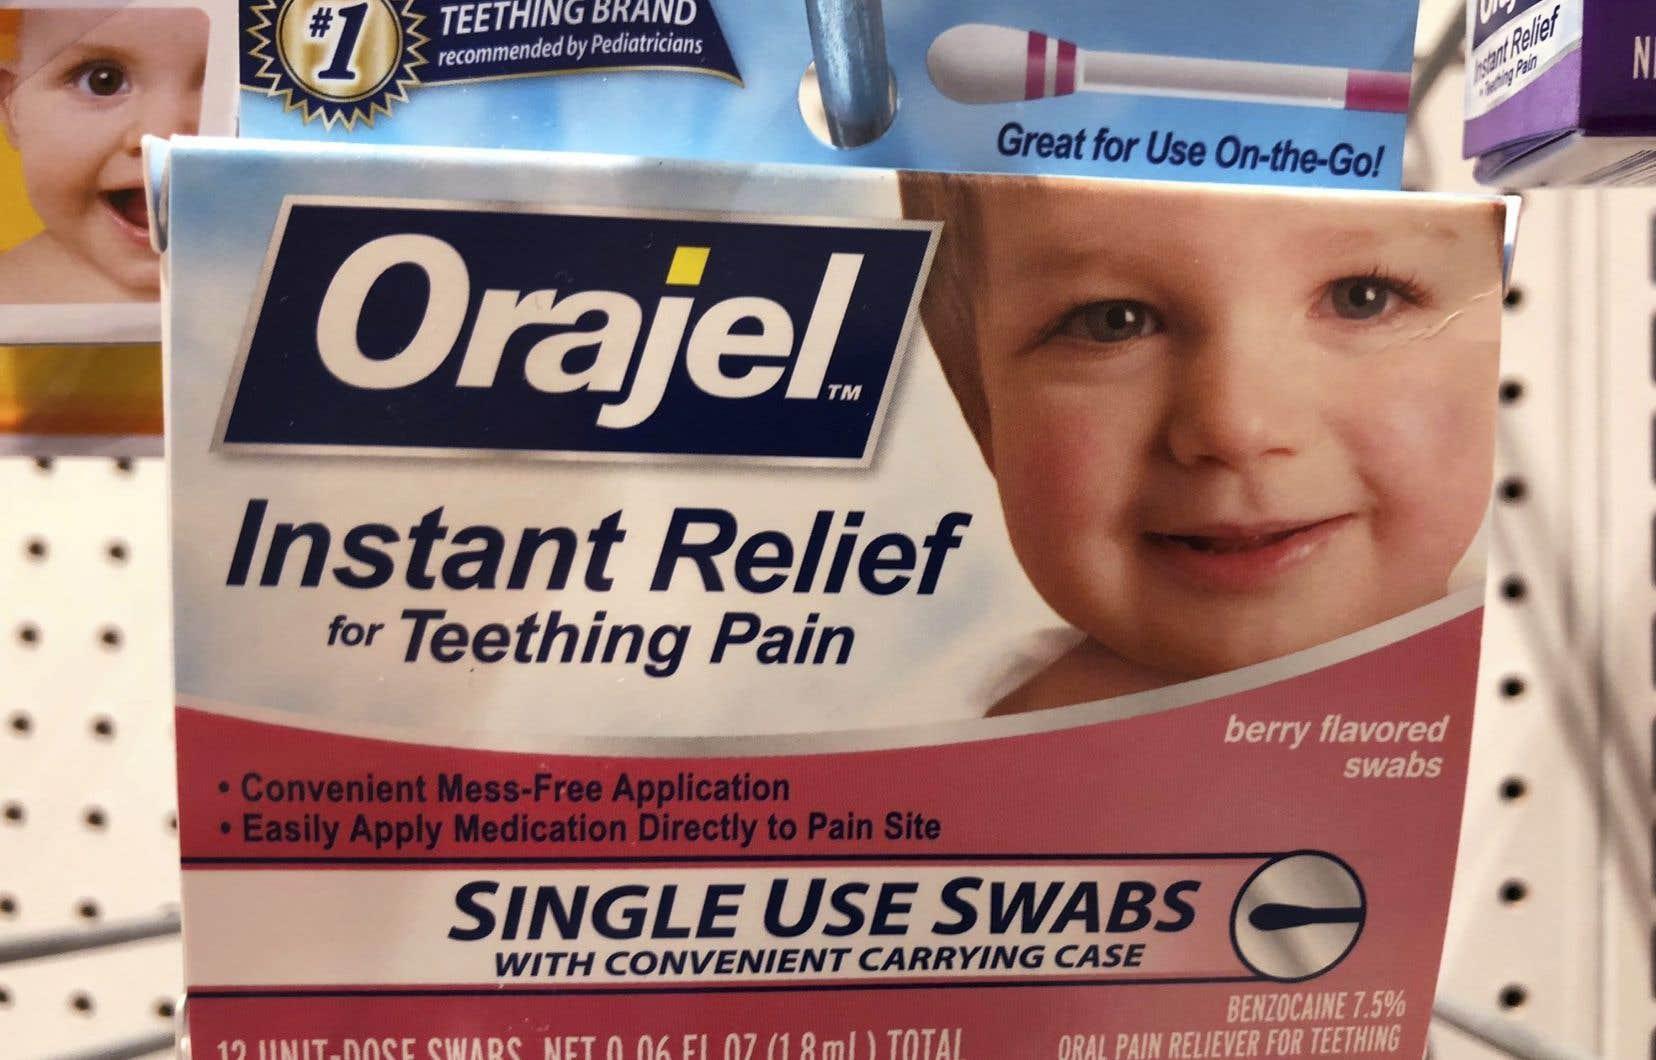 <p>La benzocaïne se retrouve dans plusieurs produitscomme l'Orajel,utilisépour soulager les lésions de la bouche.</p>